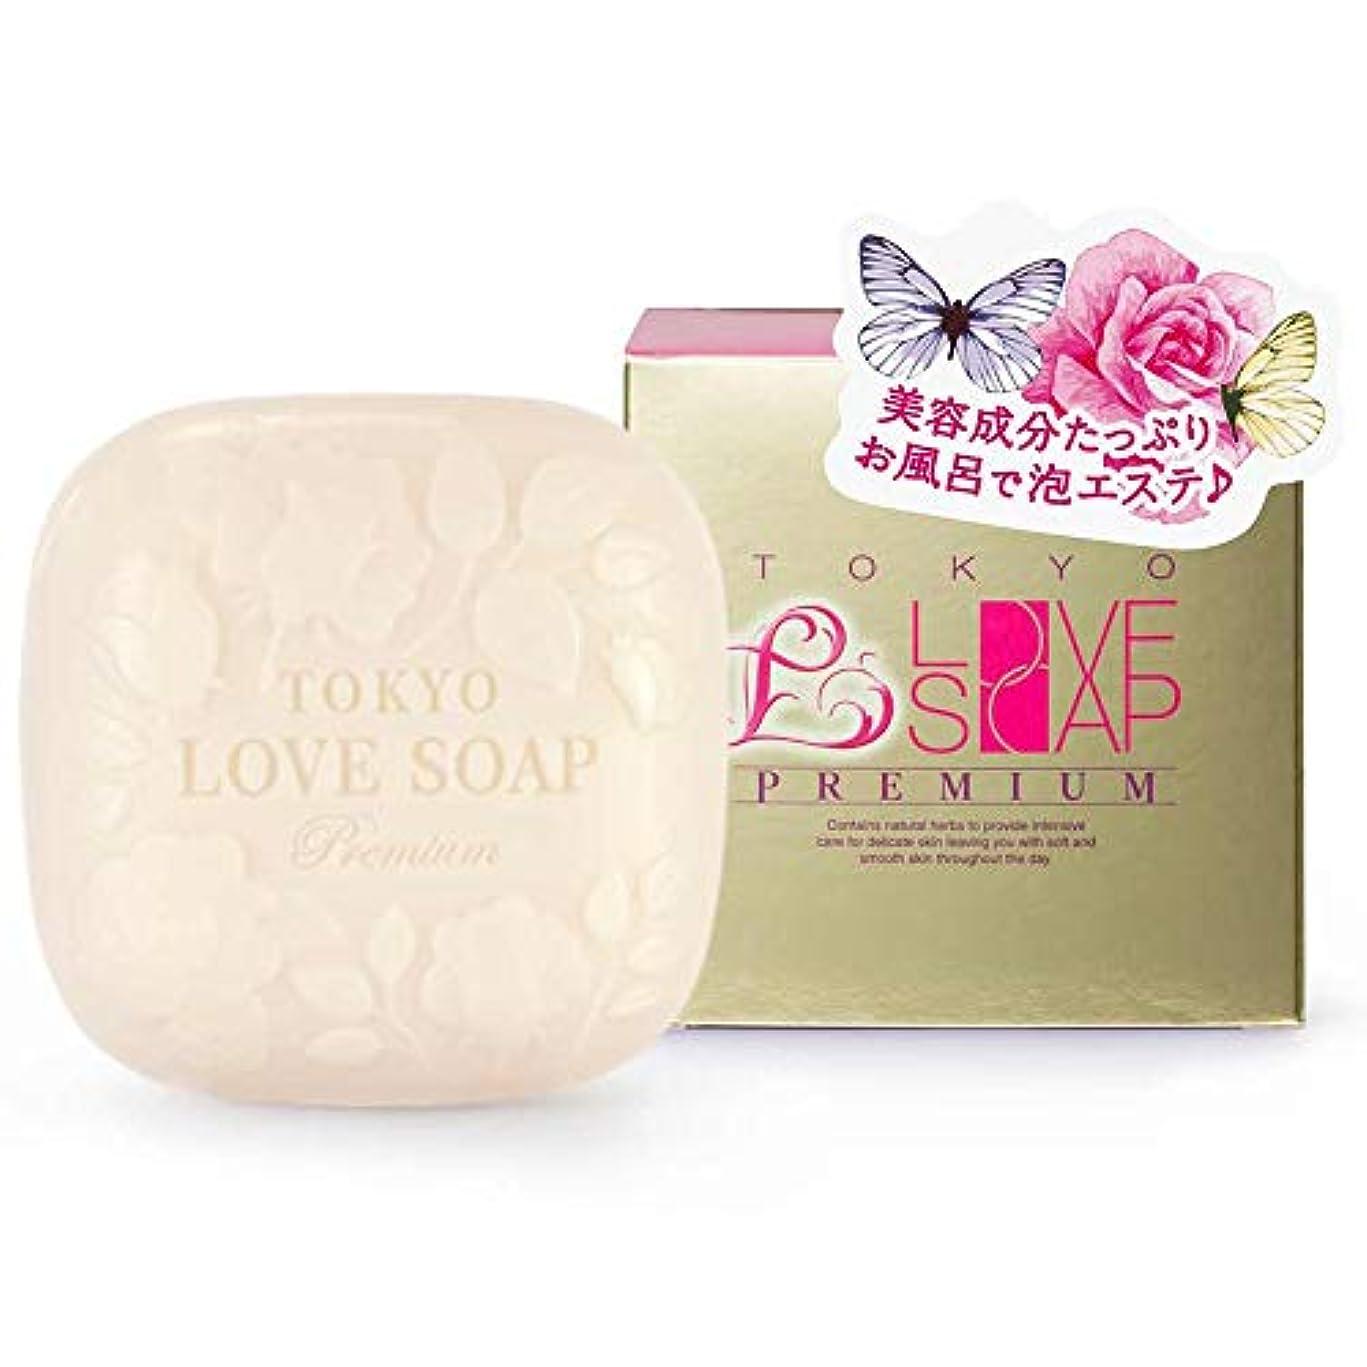 もつれ距離刺繍東京ラブソーププレミアム 保湿 潤い 美肌 黒ずみ デリケートゾーン ソープ 国産 ジャムウ石けん 100g